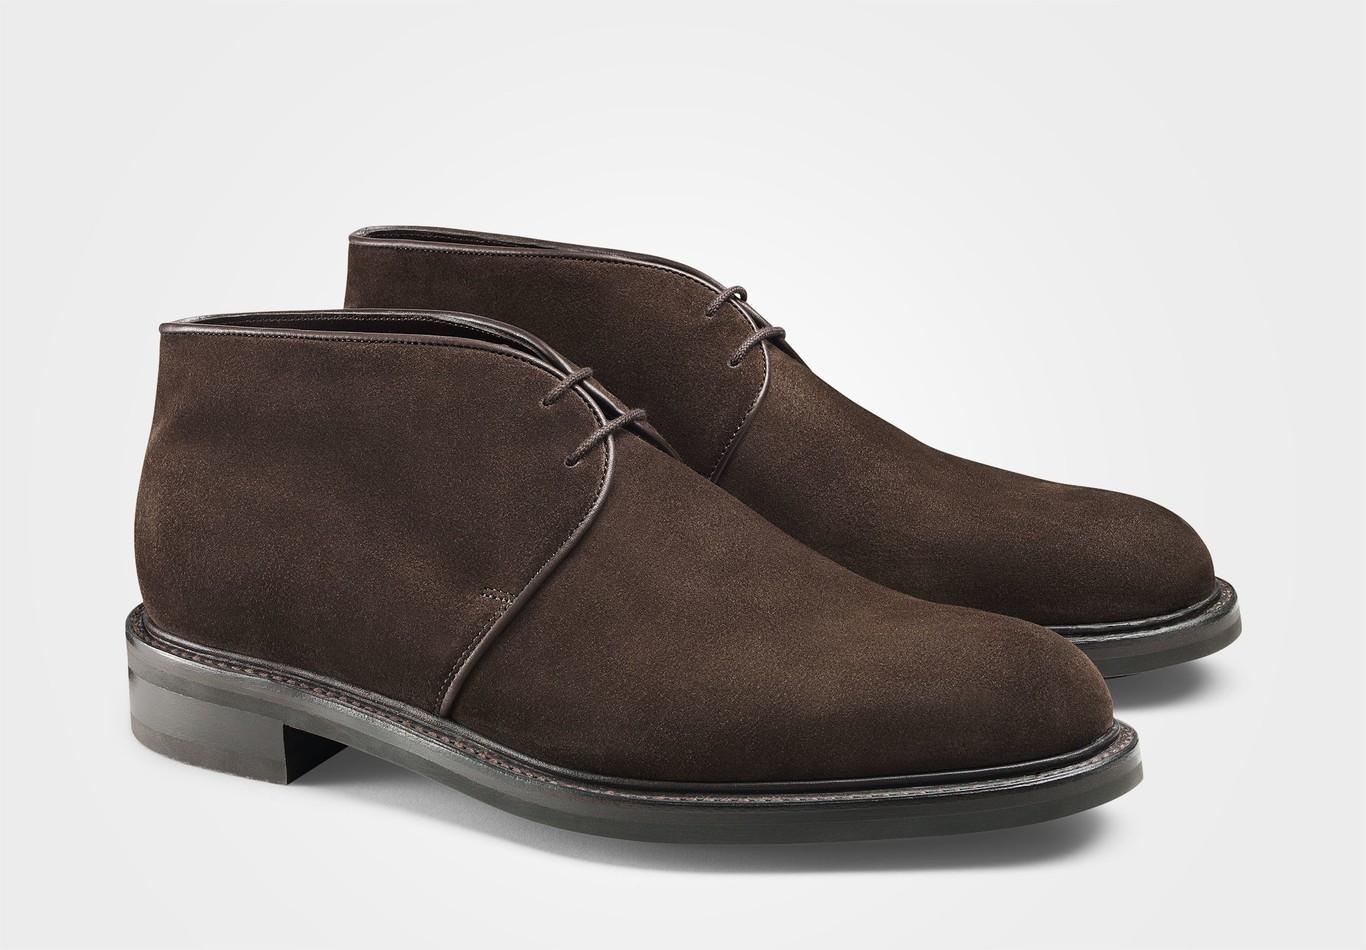 Tendencias de calzado masculino otoño-invierno 2017-2018 3